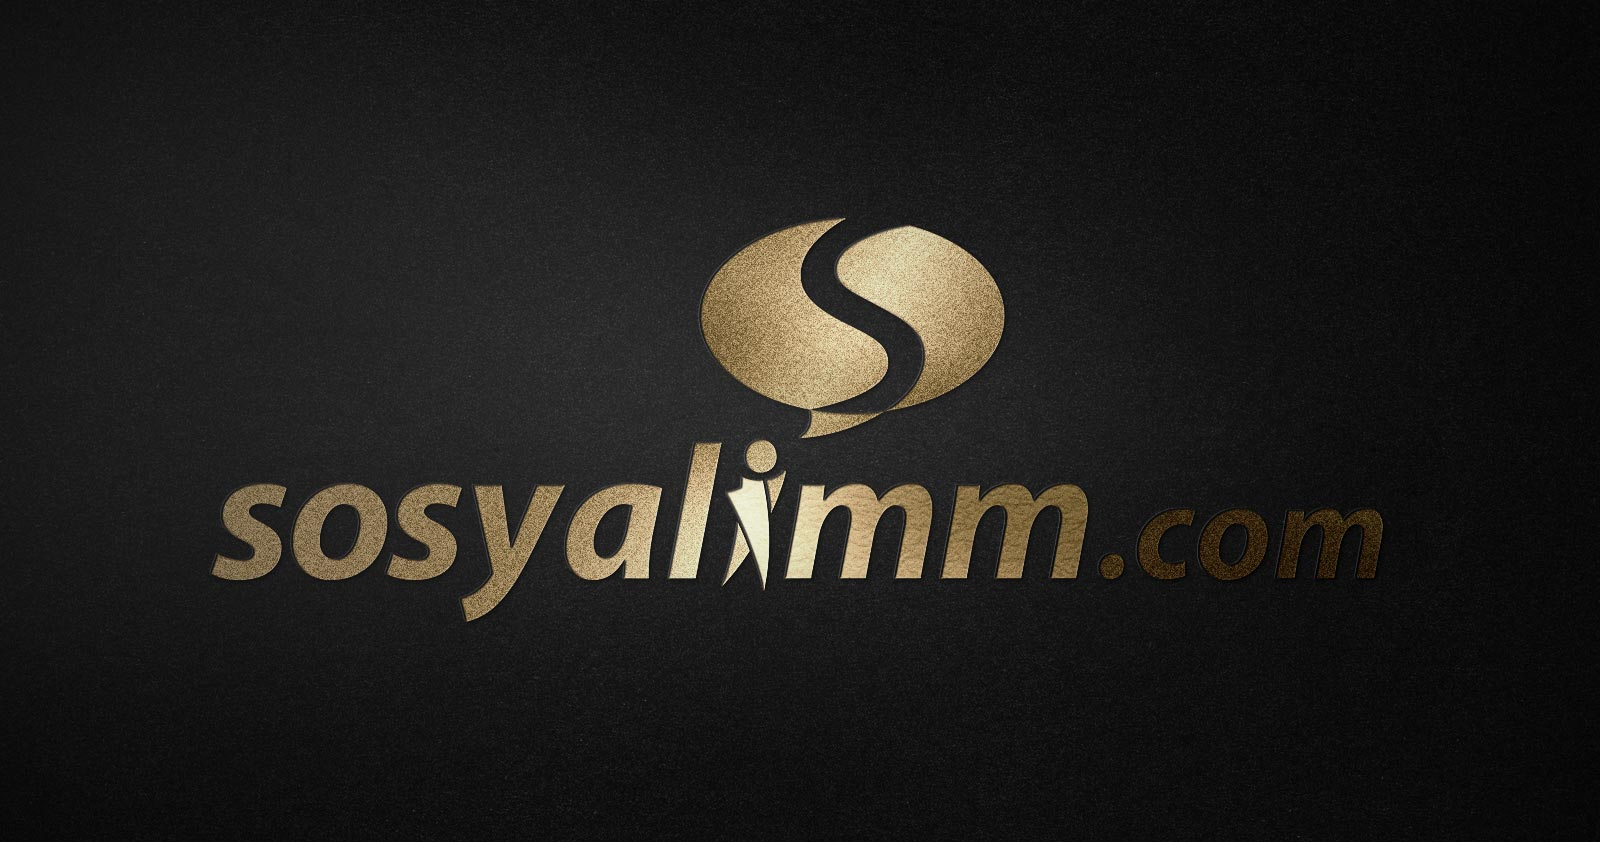 sosyalimm logo kurumsal kimlik tasarımı 01